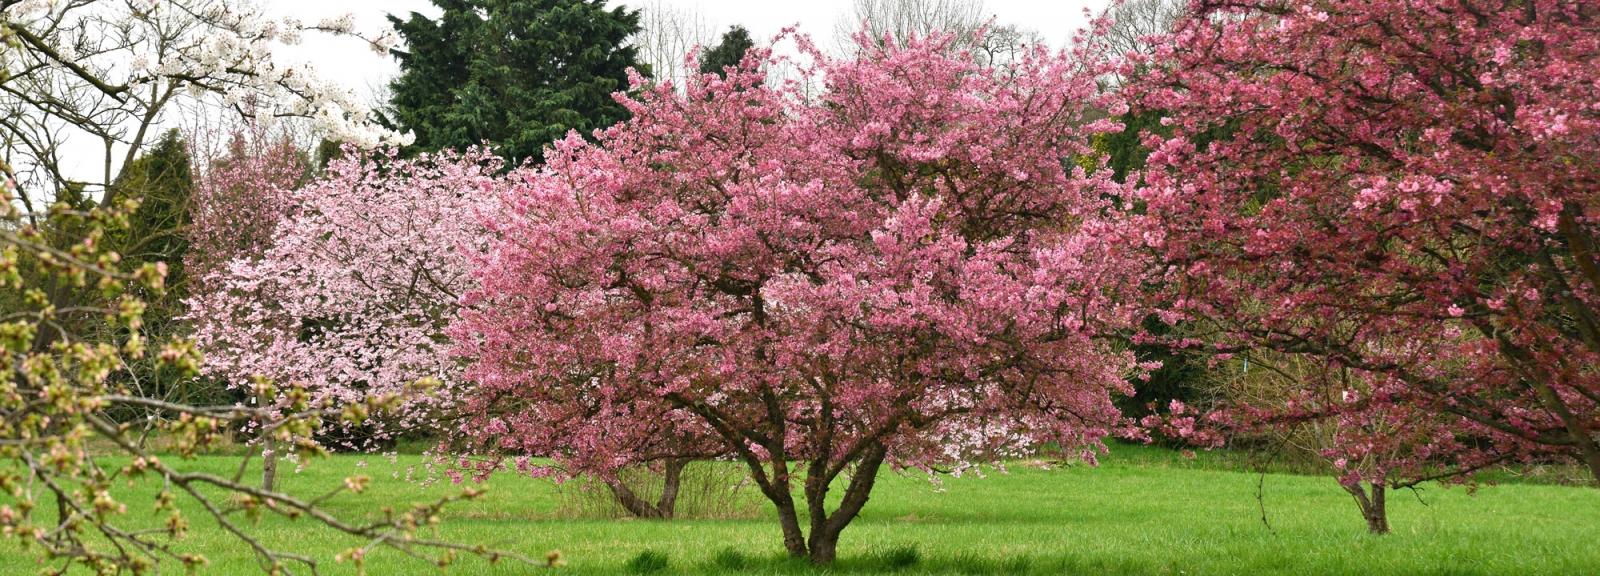 La prairie des cerisiers japonais en avril © MNHN - S. Gerbault